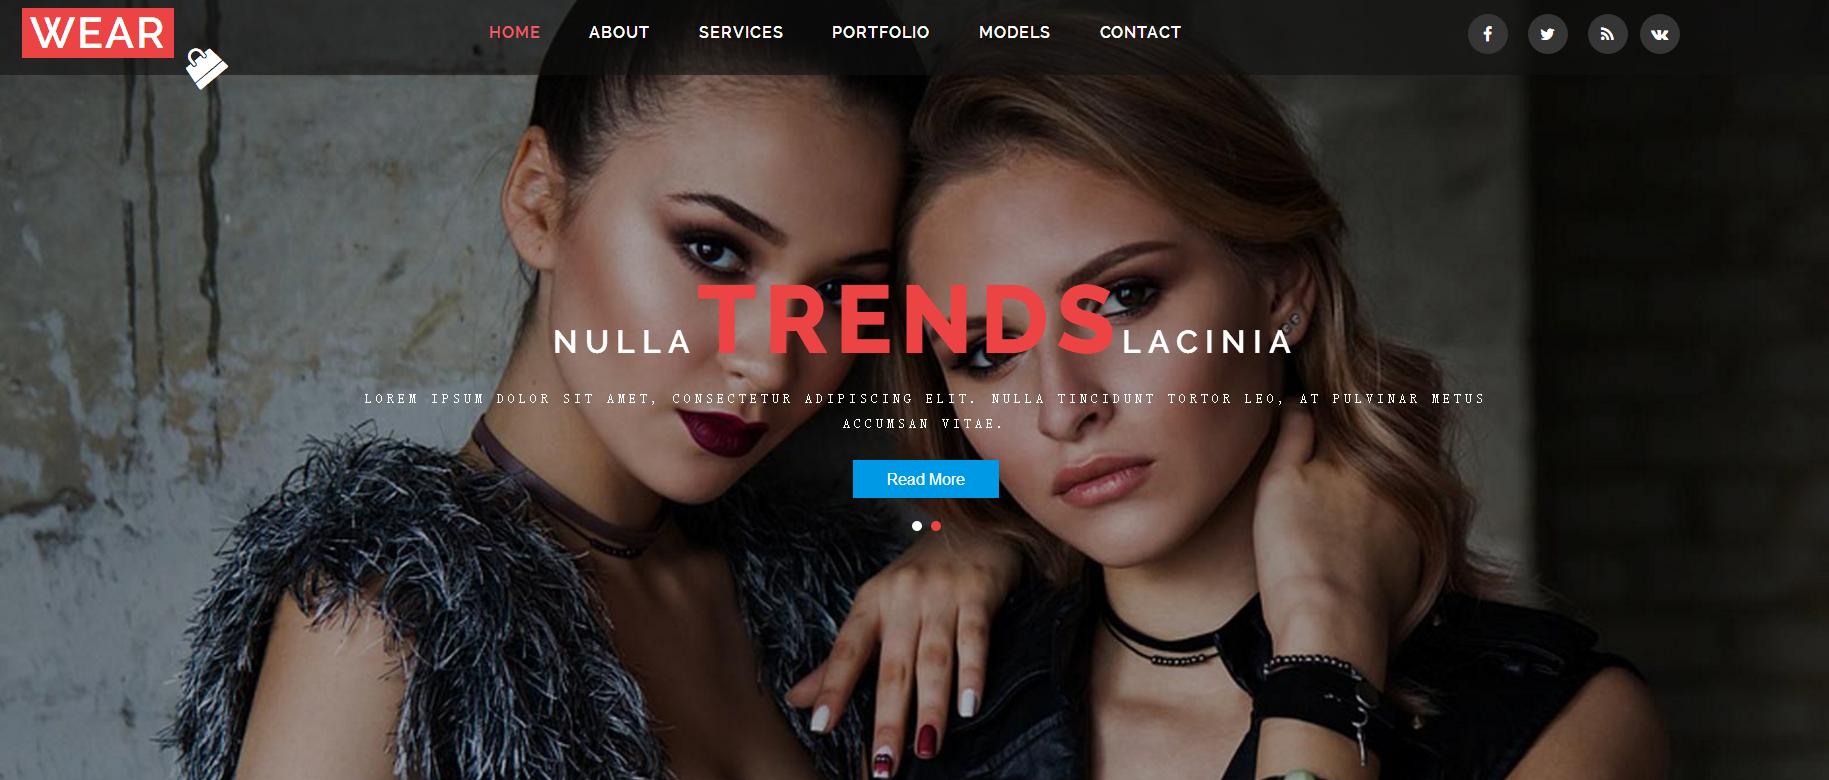 时尚衣着设计展示响应式网页模板